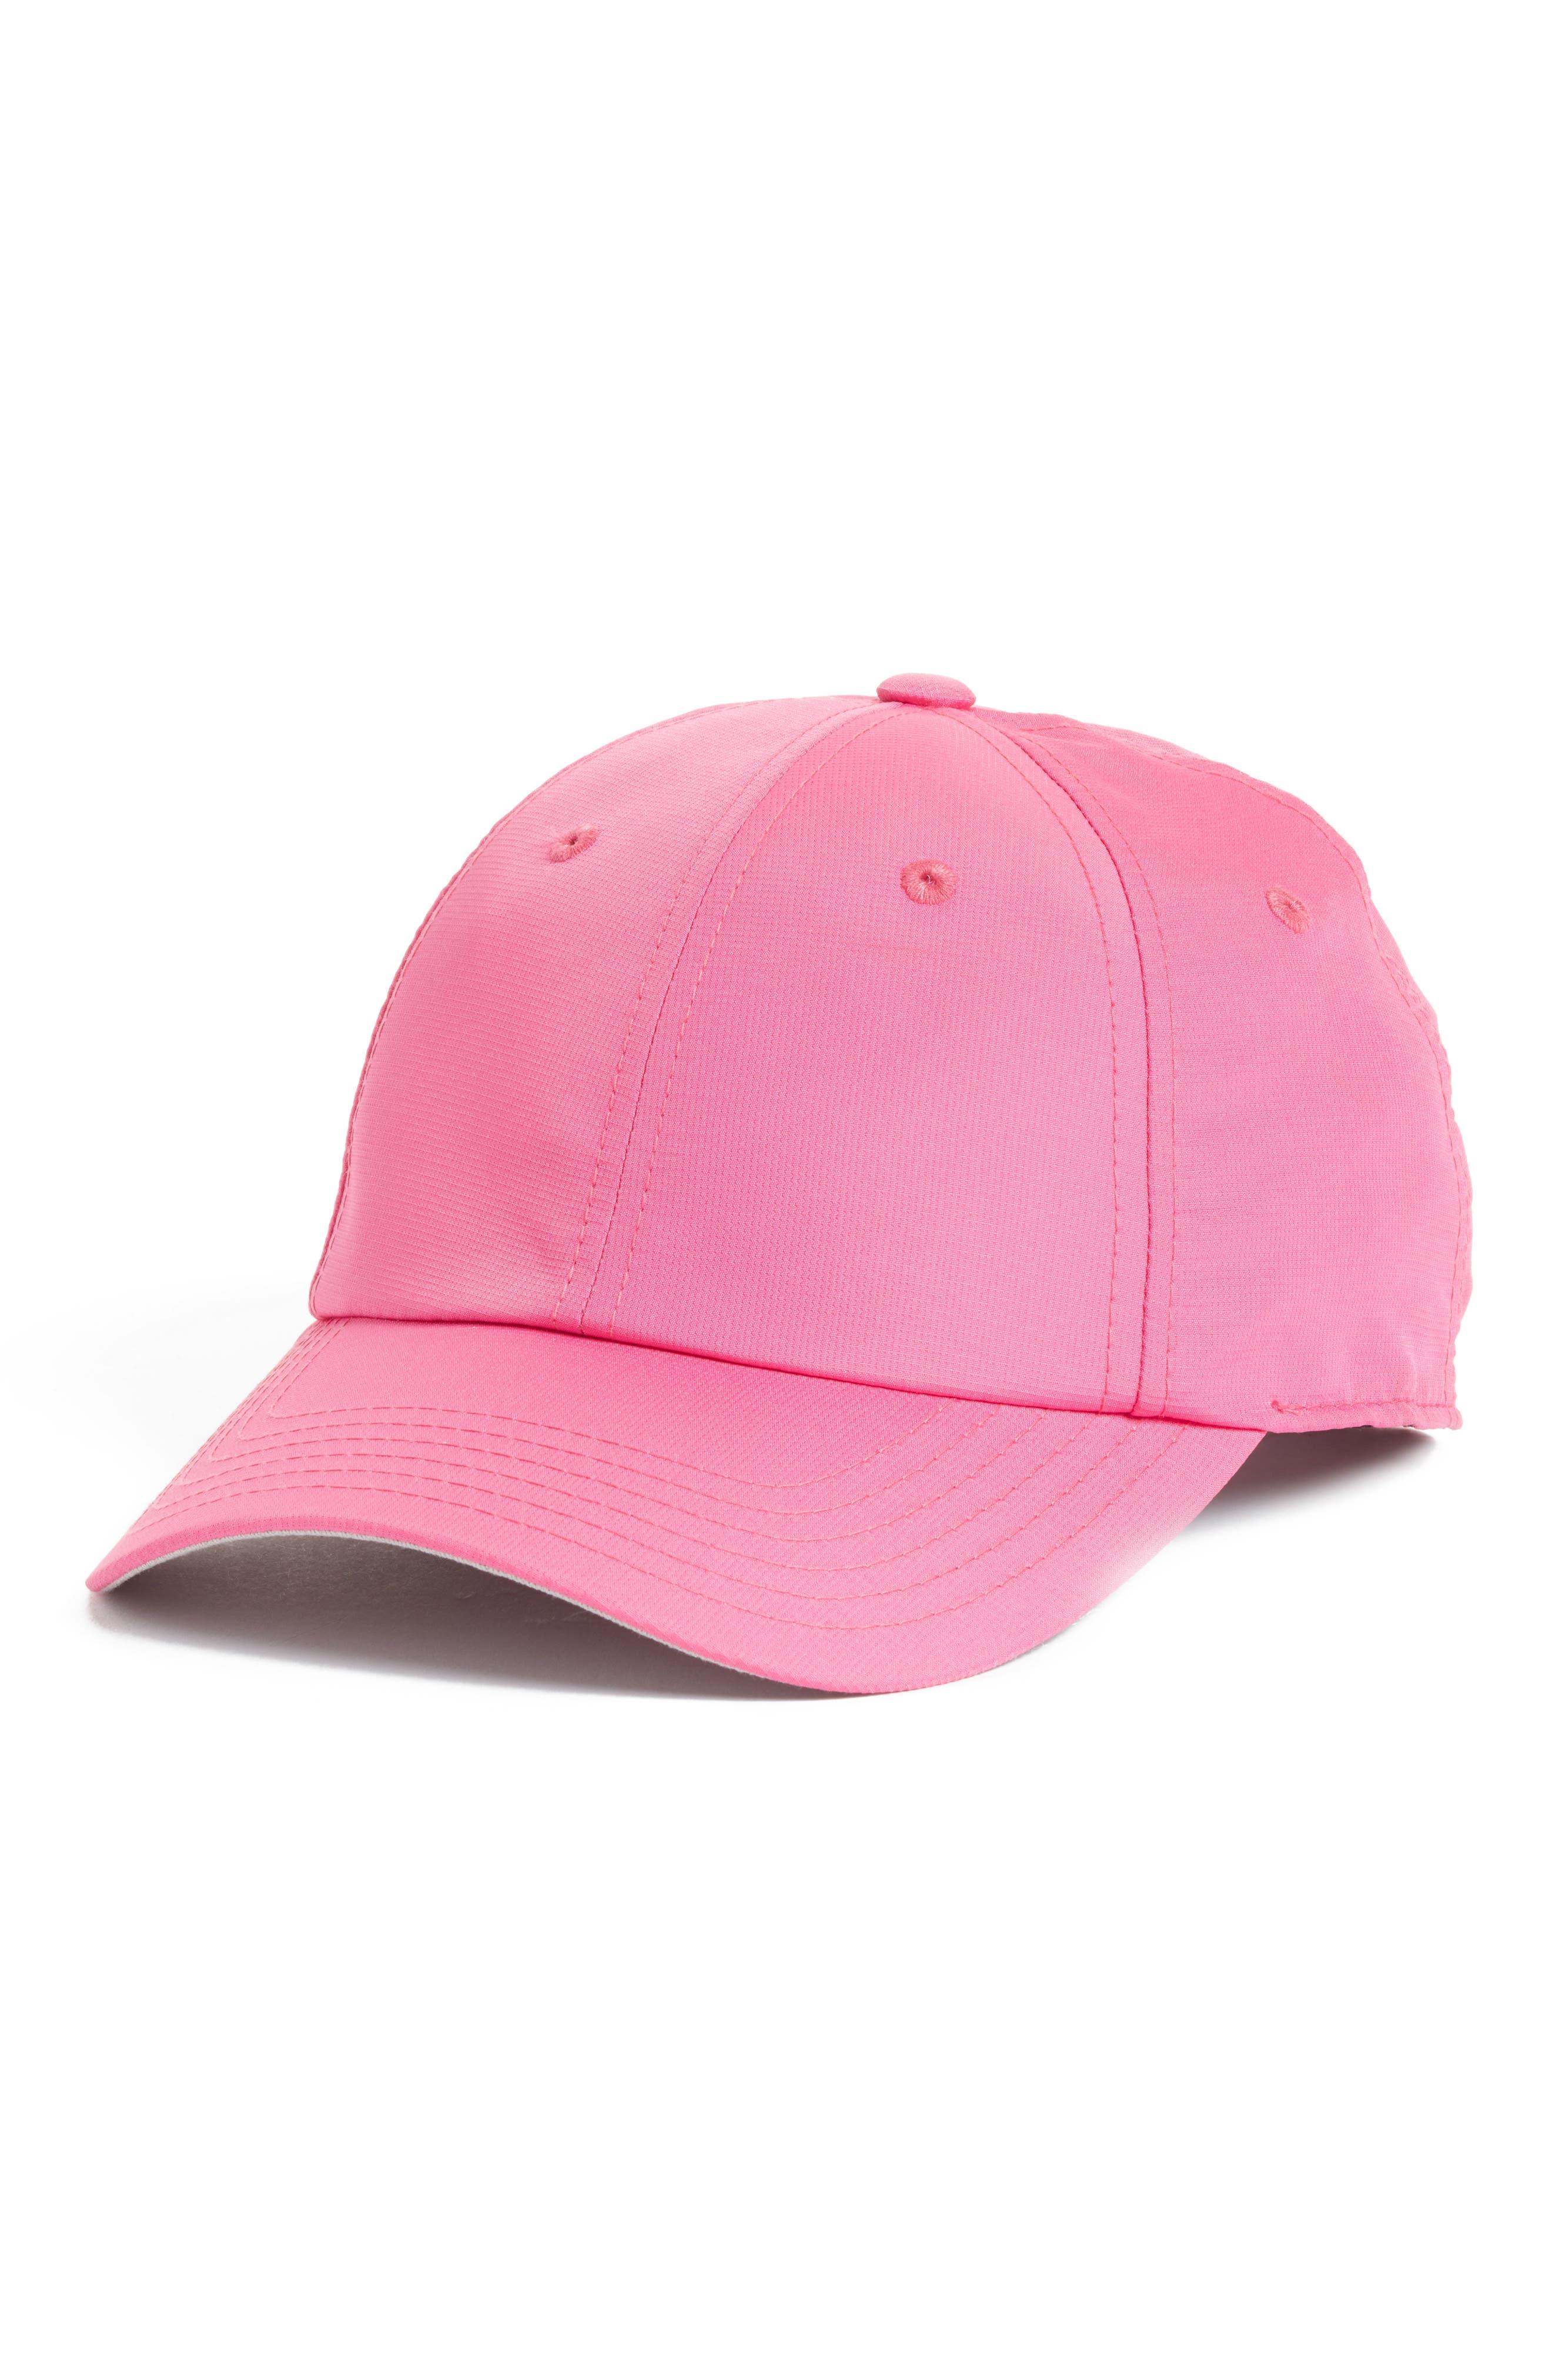 TKO Cap,                         Main,                         color, Pink